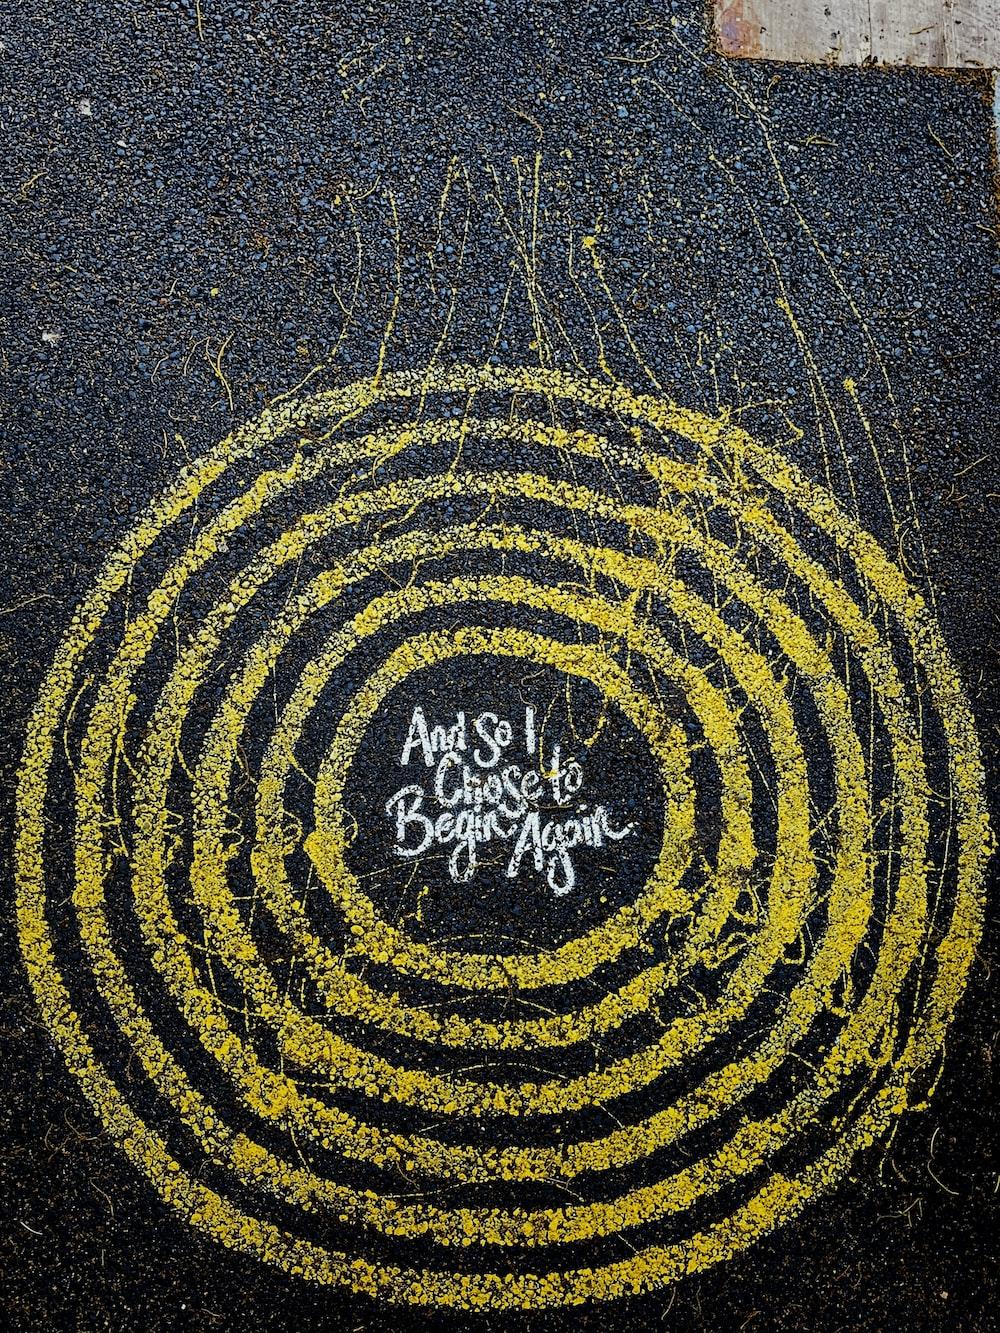 yellow and black round logo